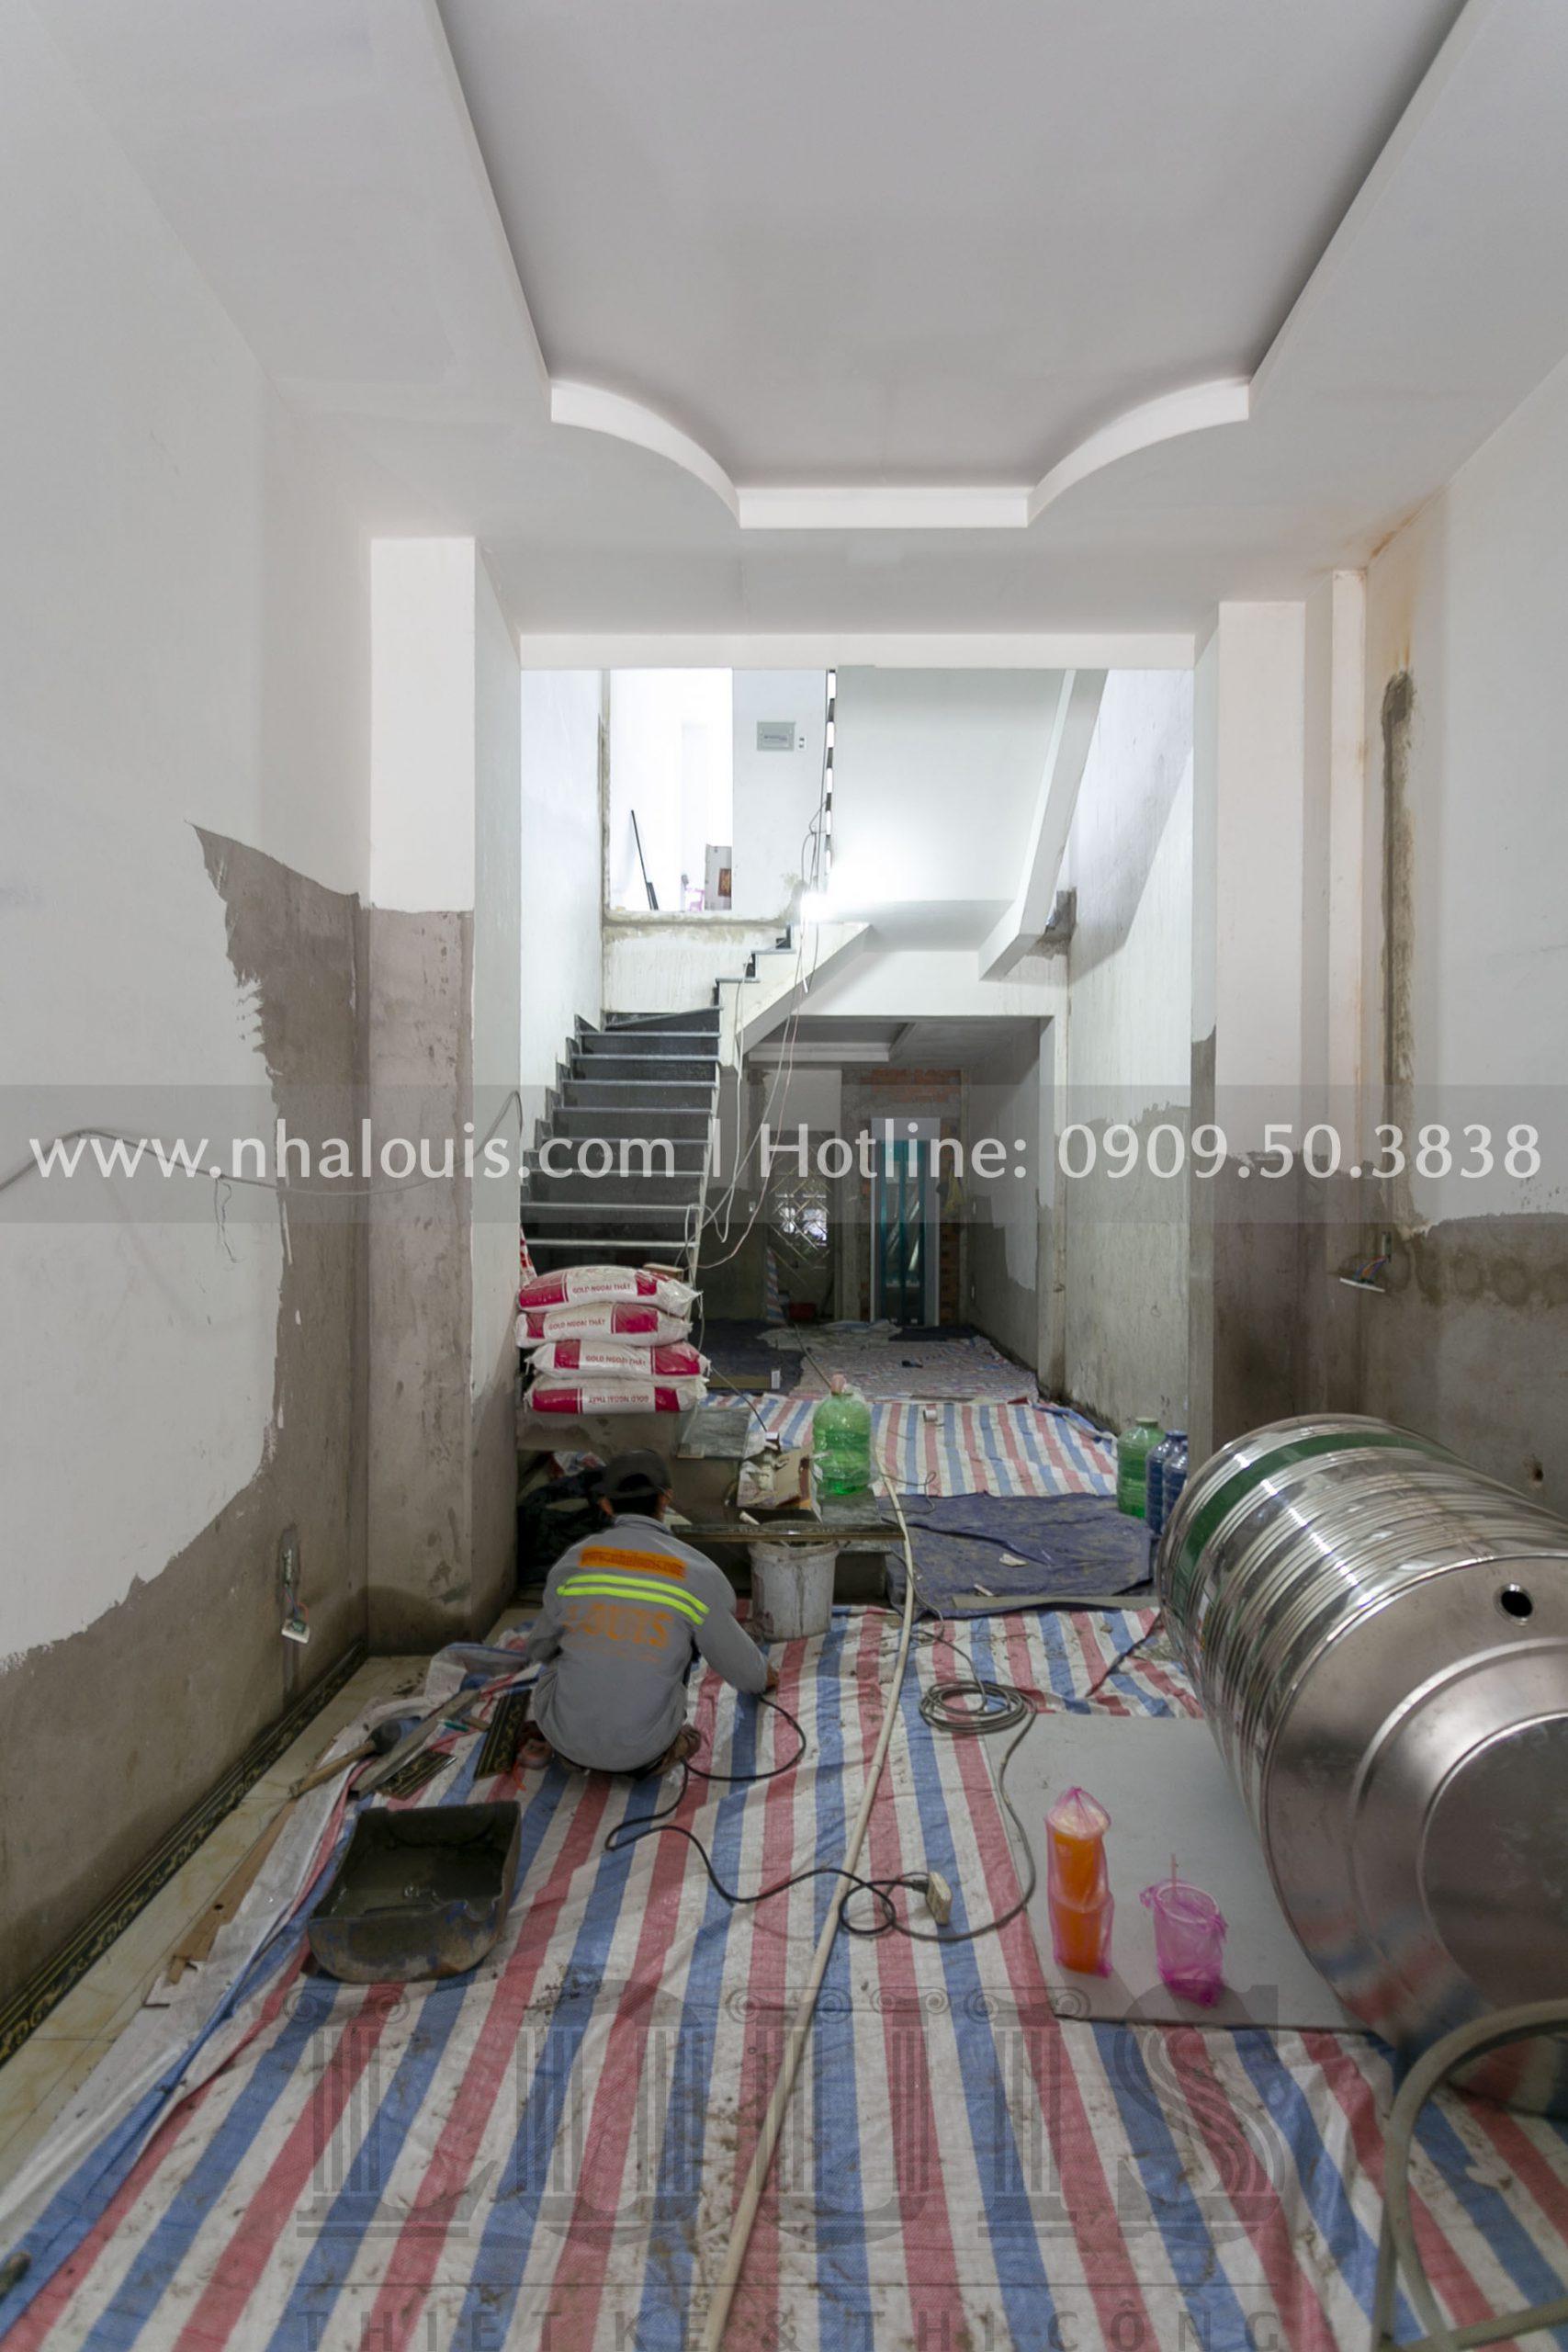 Thi công nhà phố 4 tầng mặt tiền 3,5m tại Tiền Giang